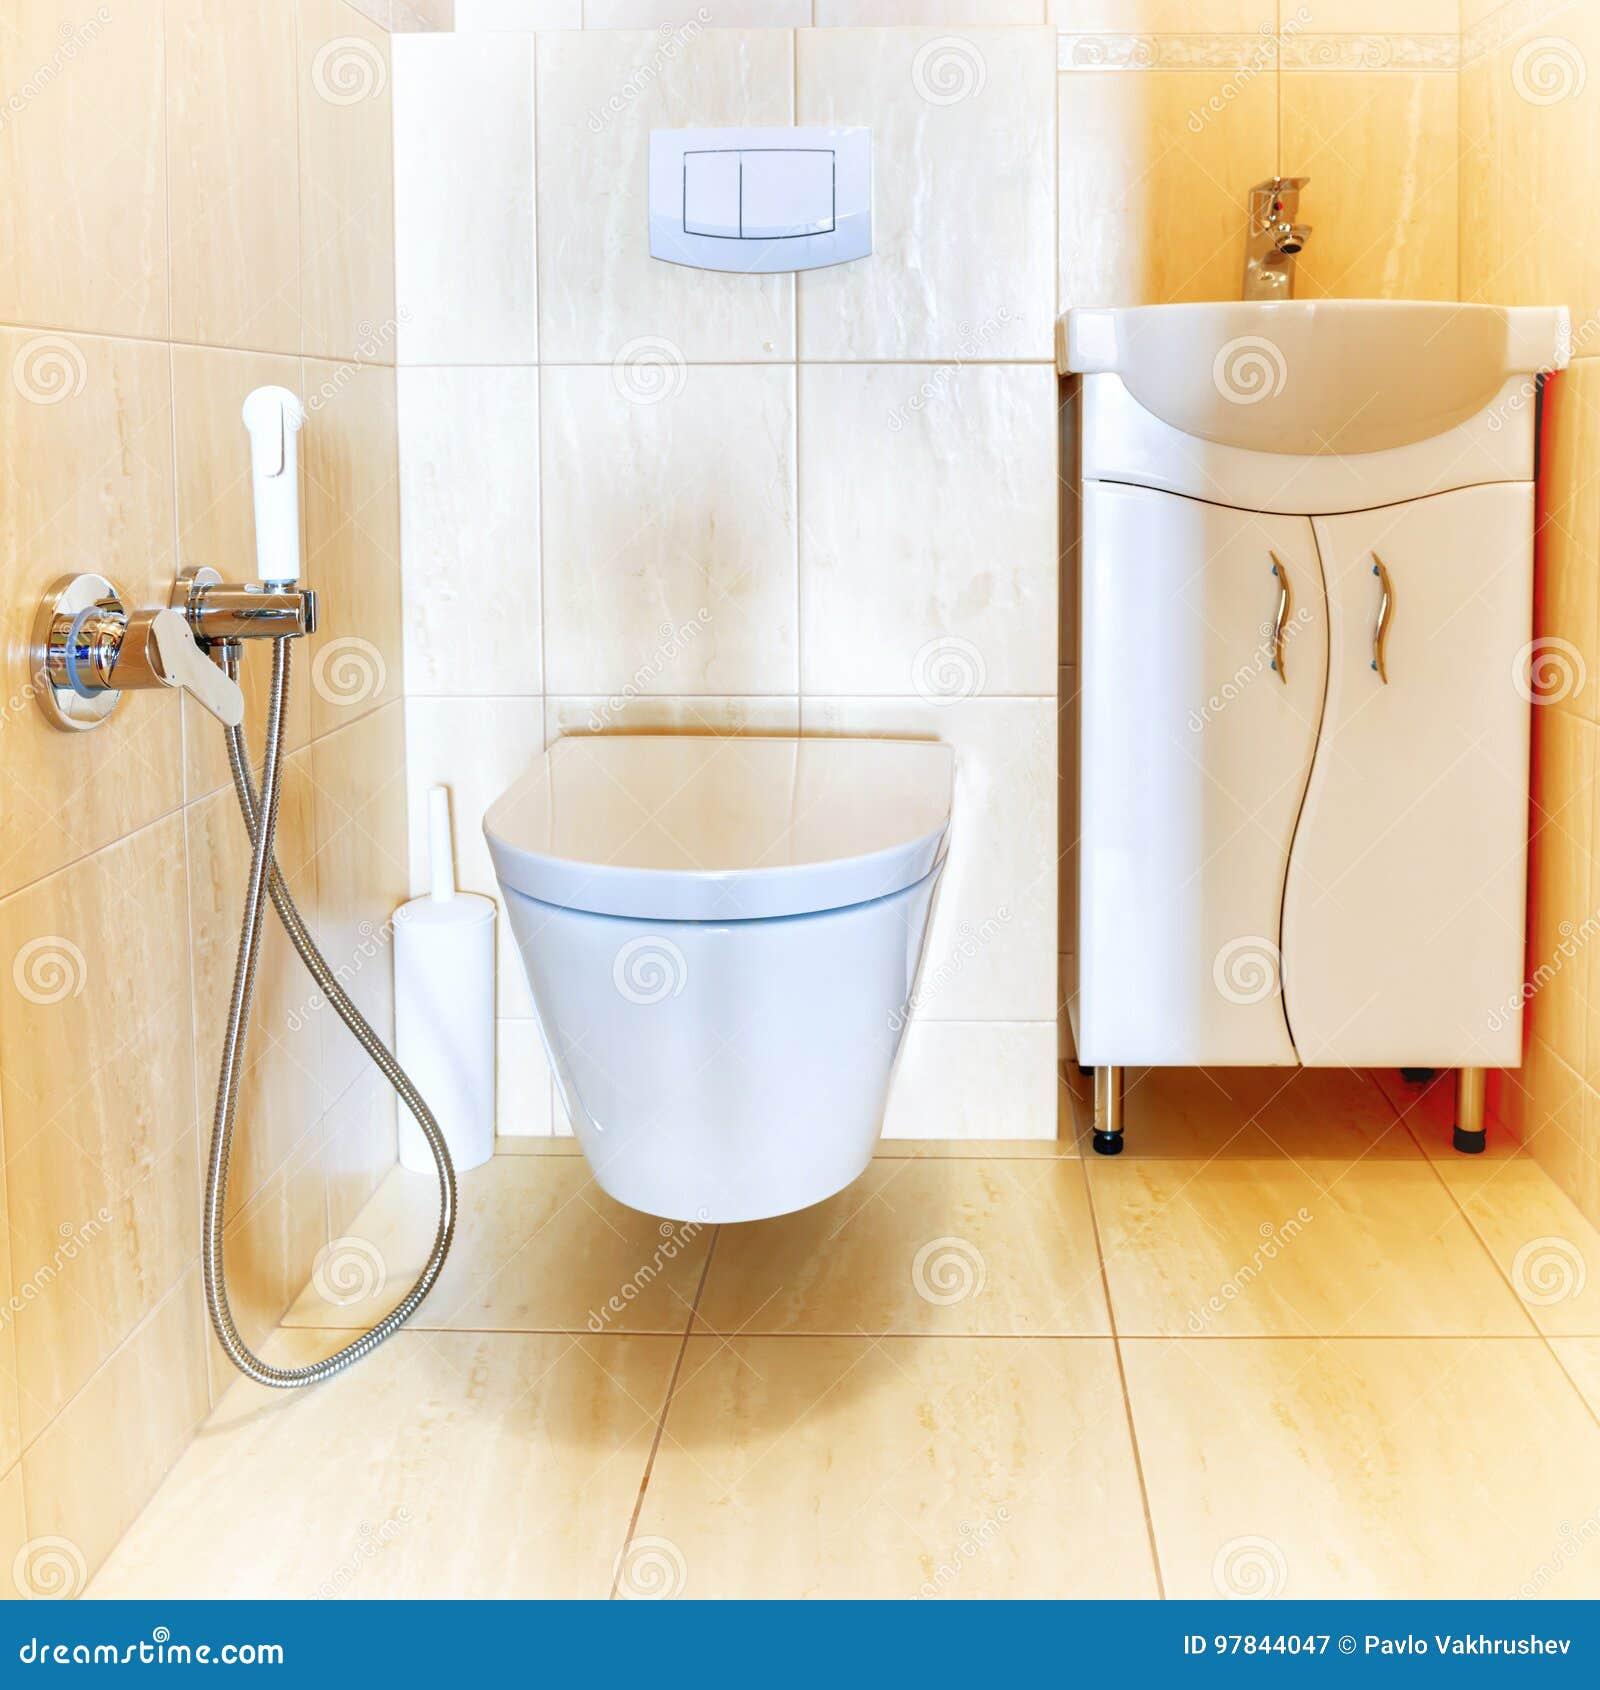 Salle De Bains Ou Toilettes ~ int rieur de salle de bains de toilette image stock image du